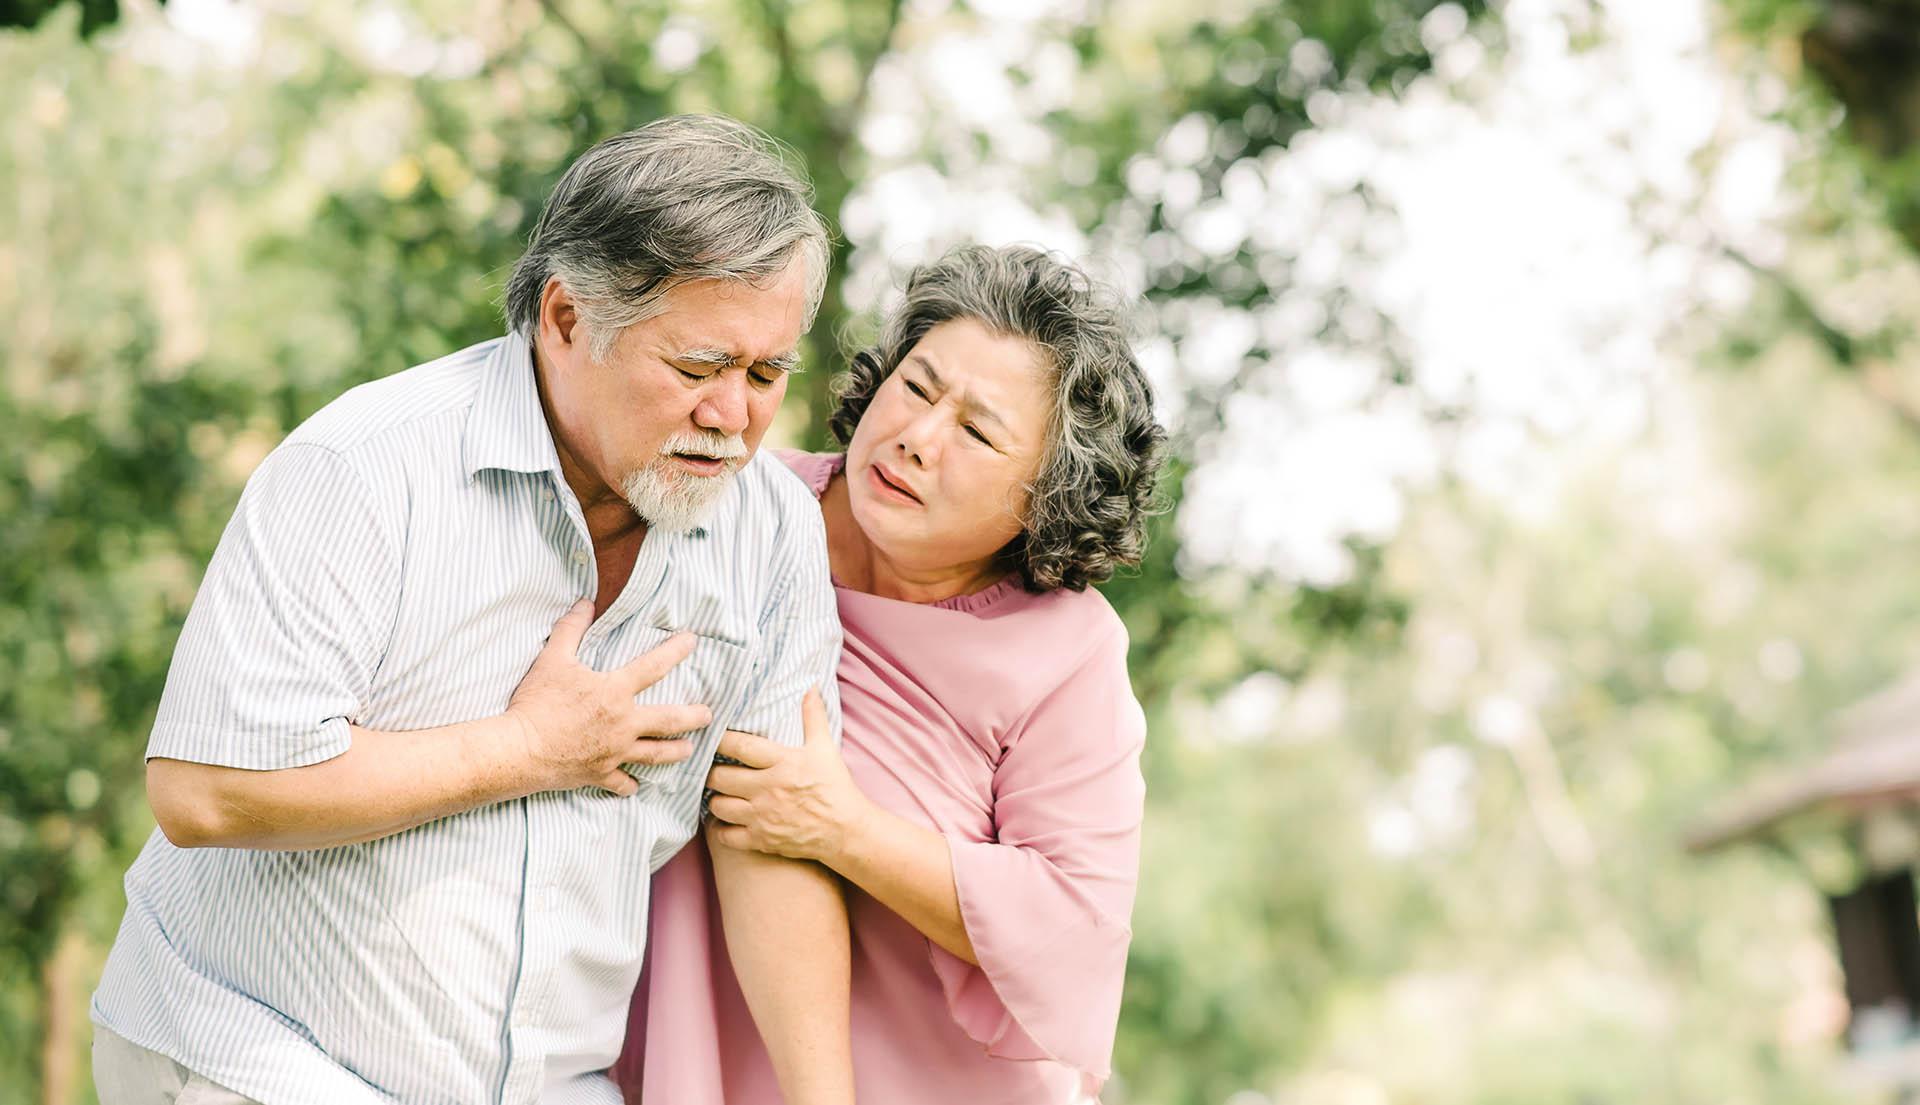 หลอดเลือดหัวใจตีบตัน อันตรายใกล้ตัว Heart disease